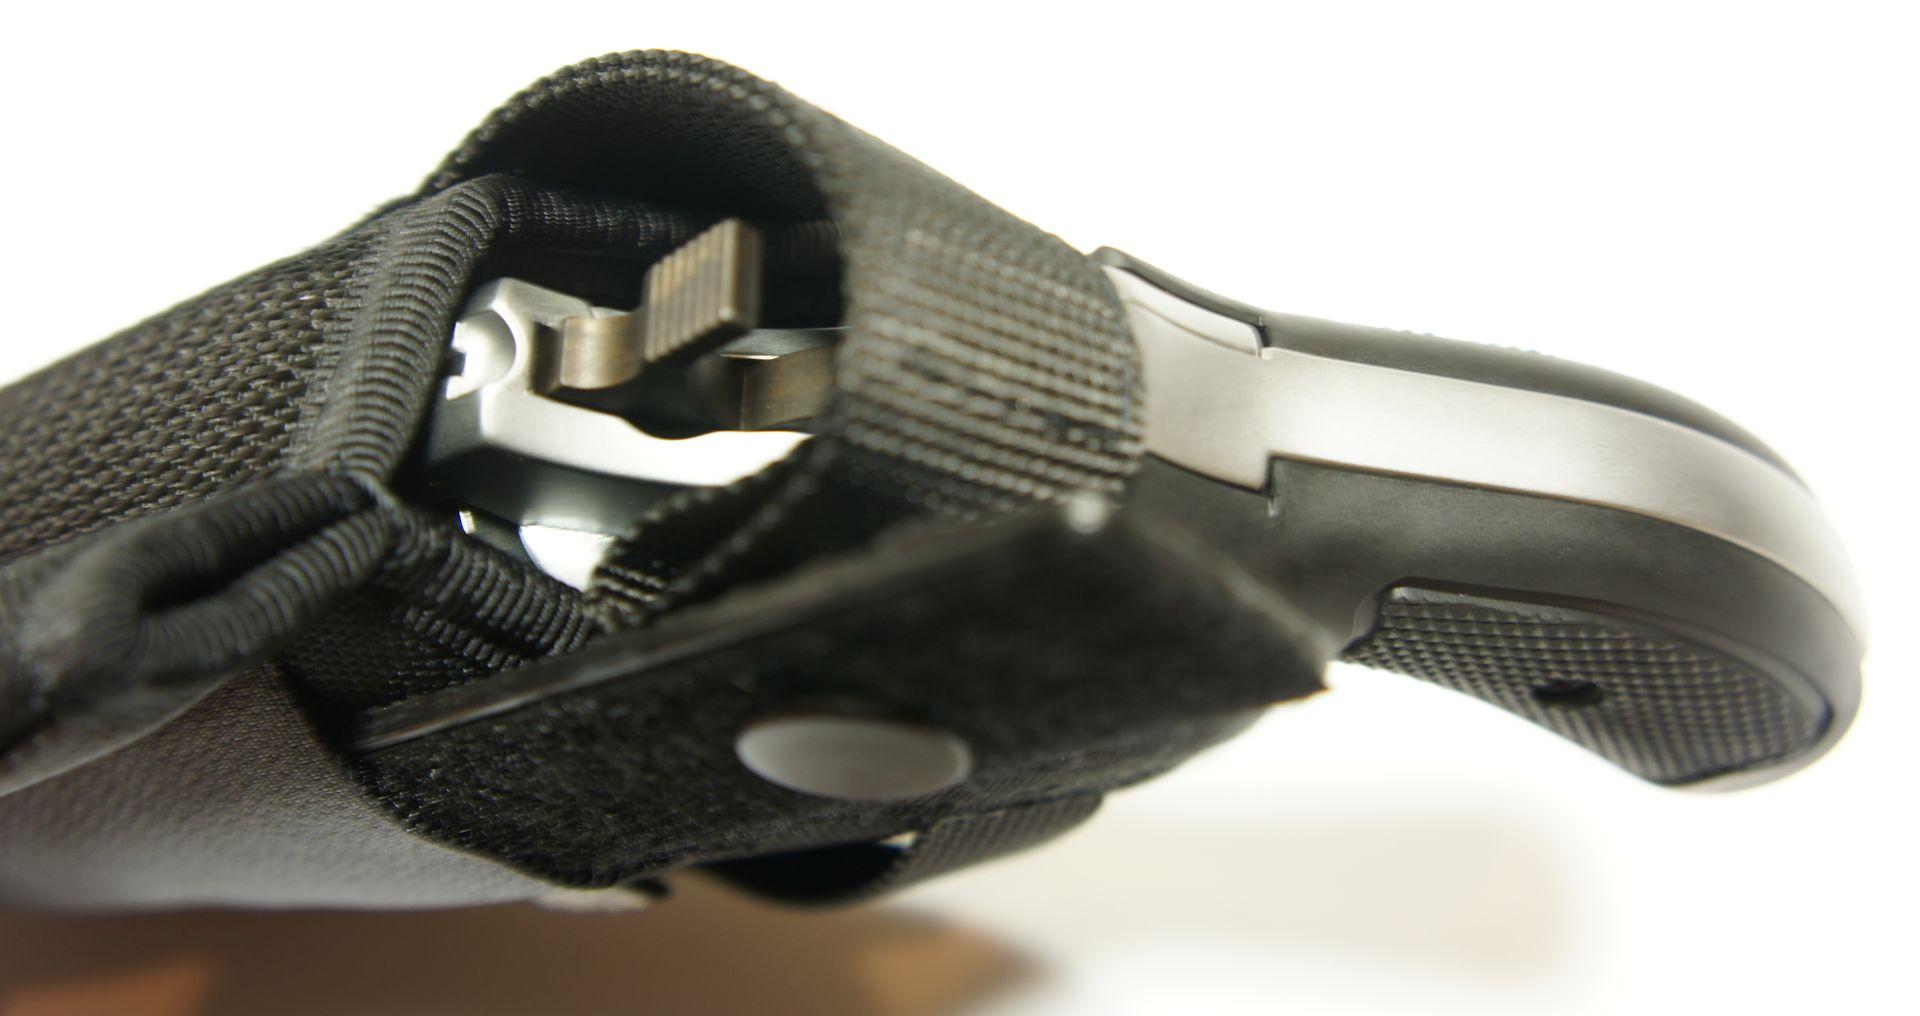 Ein <a href=1260145.htm>passendes Gürtelholster</a> hat die Nummer 1260145